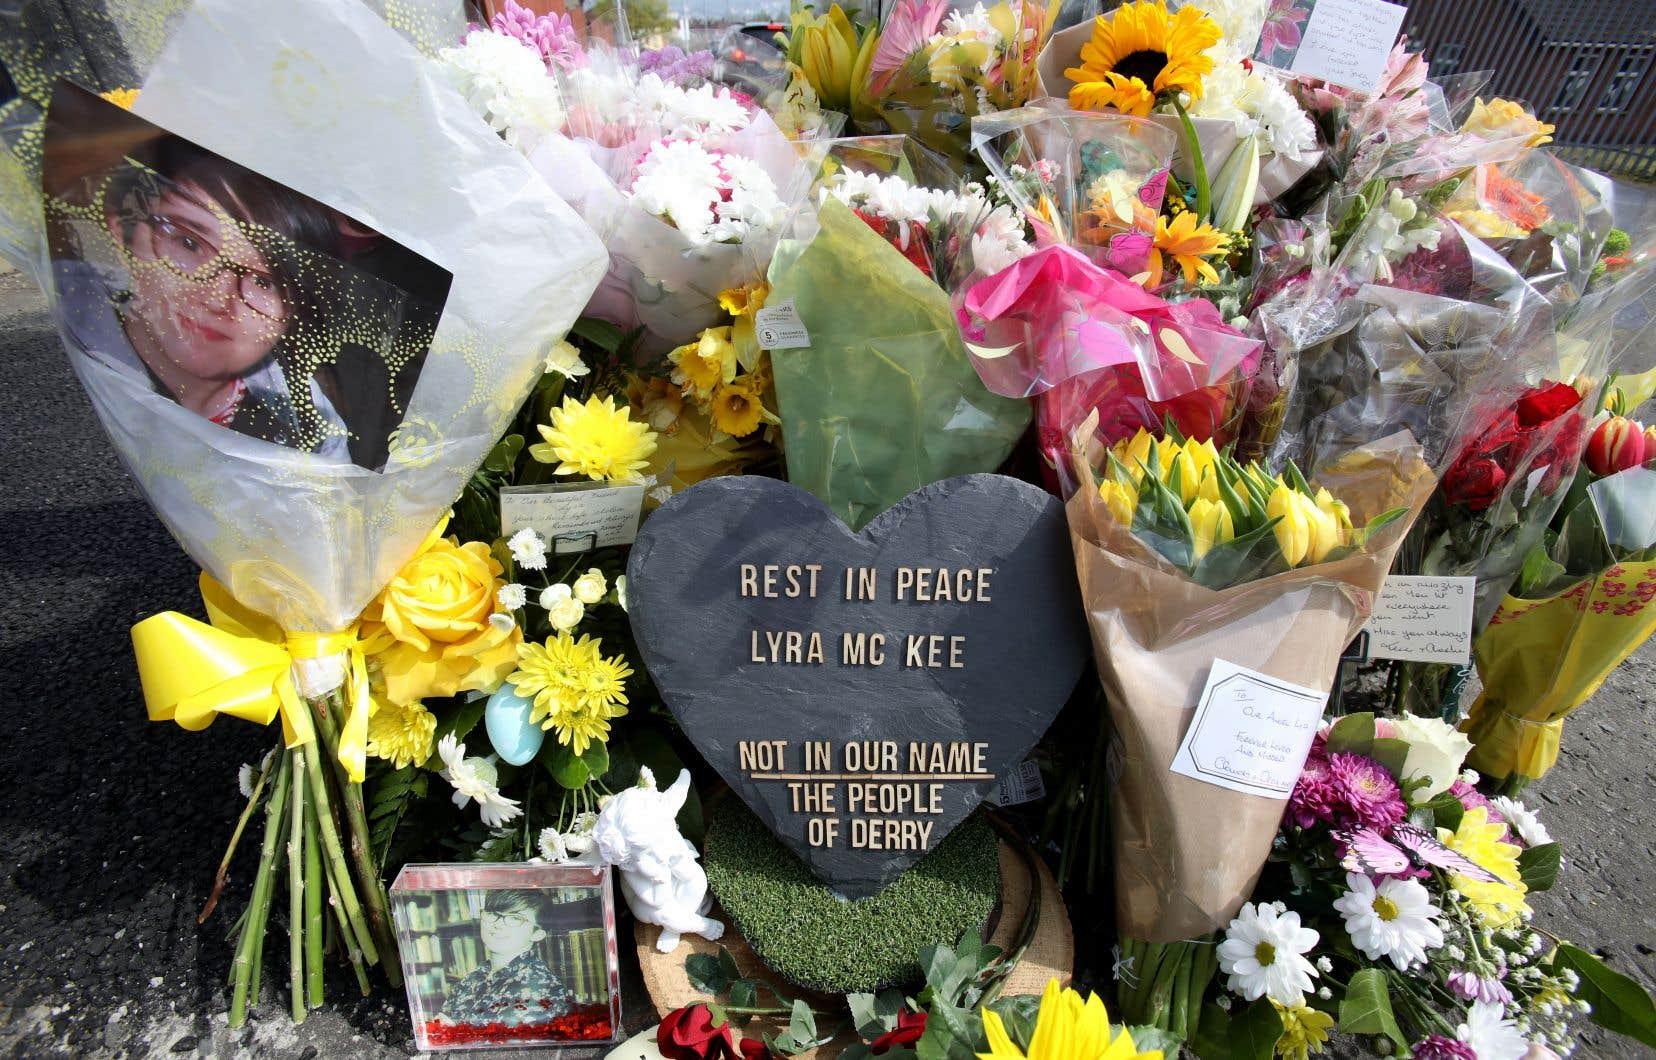 Le décès de Lyra McKee a ravivé le souvenir des «Troubles» qui ont déchiré la province britannique d'Irlande du Nord pendant trois décennies.